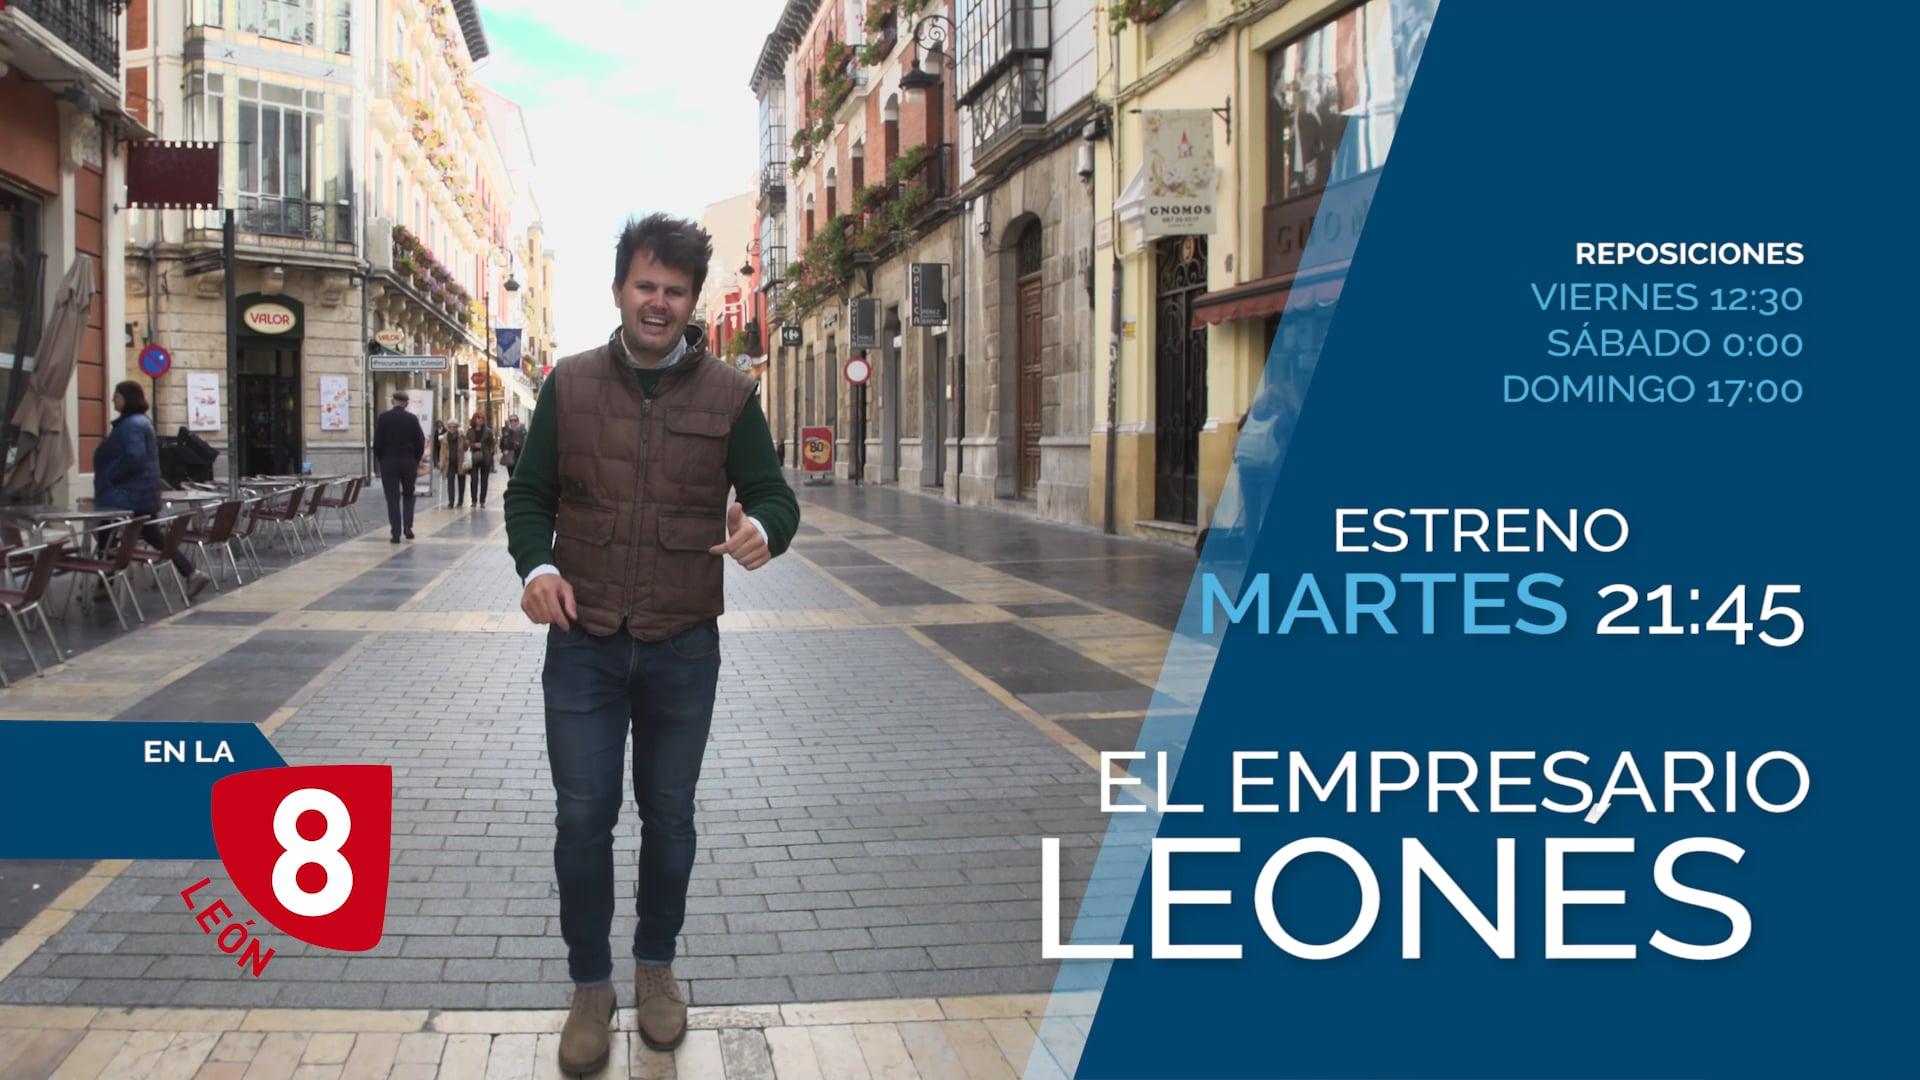 El Empresario Leonés promo